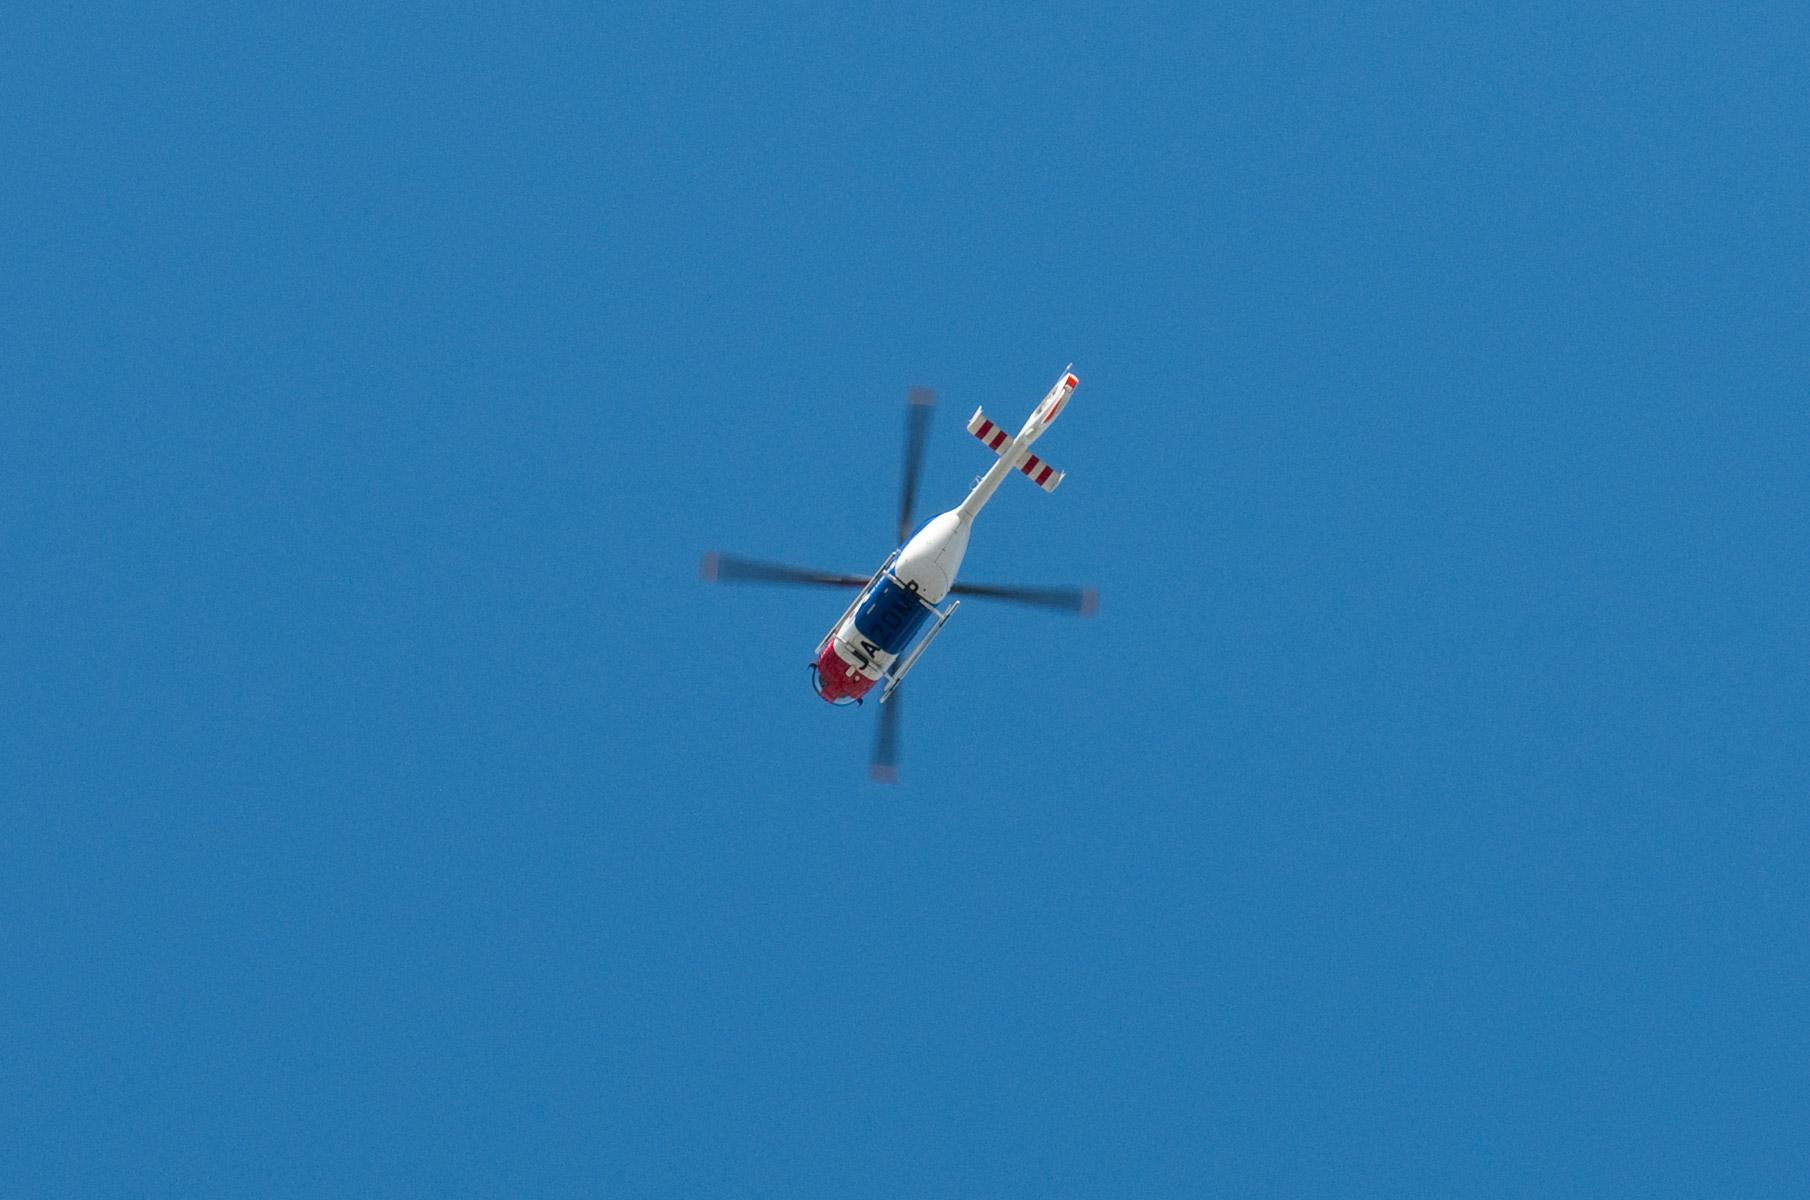 Helikopter in Roppongi Tokyo, Japan